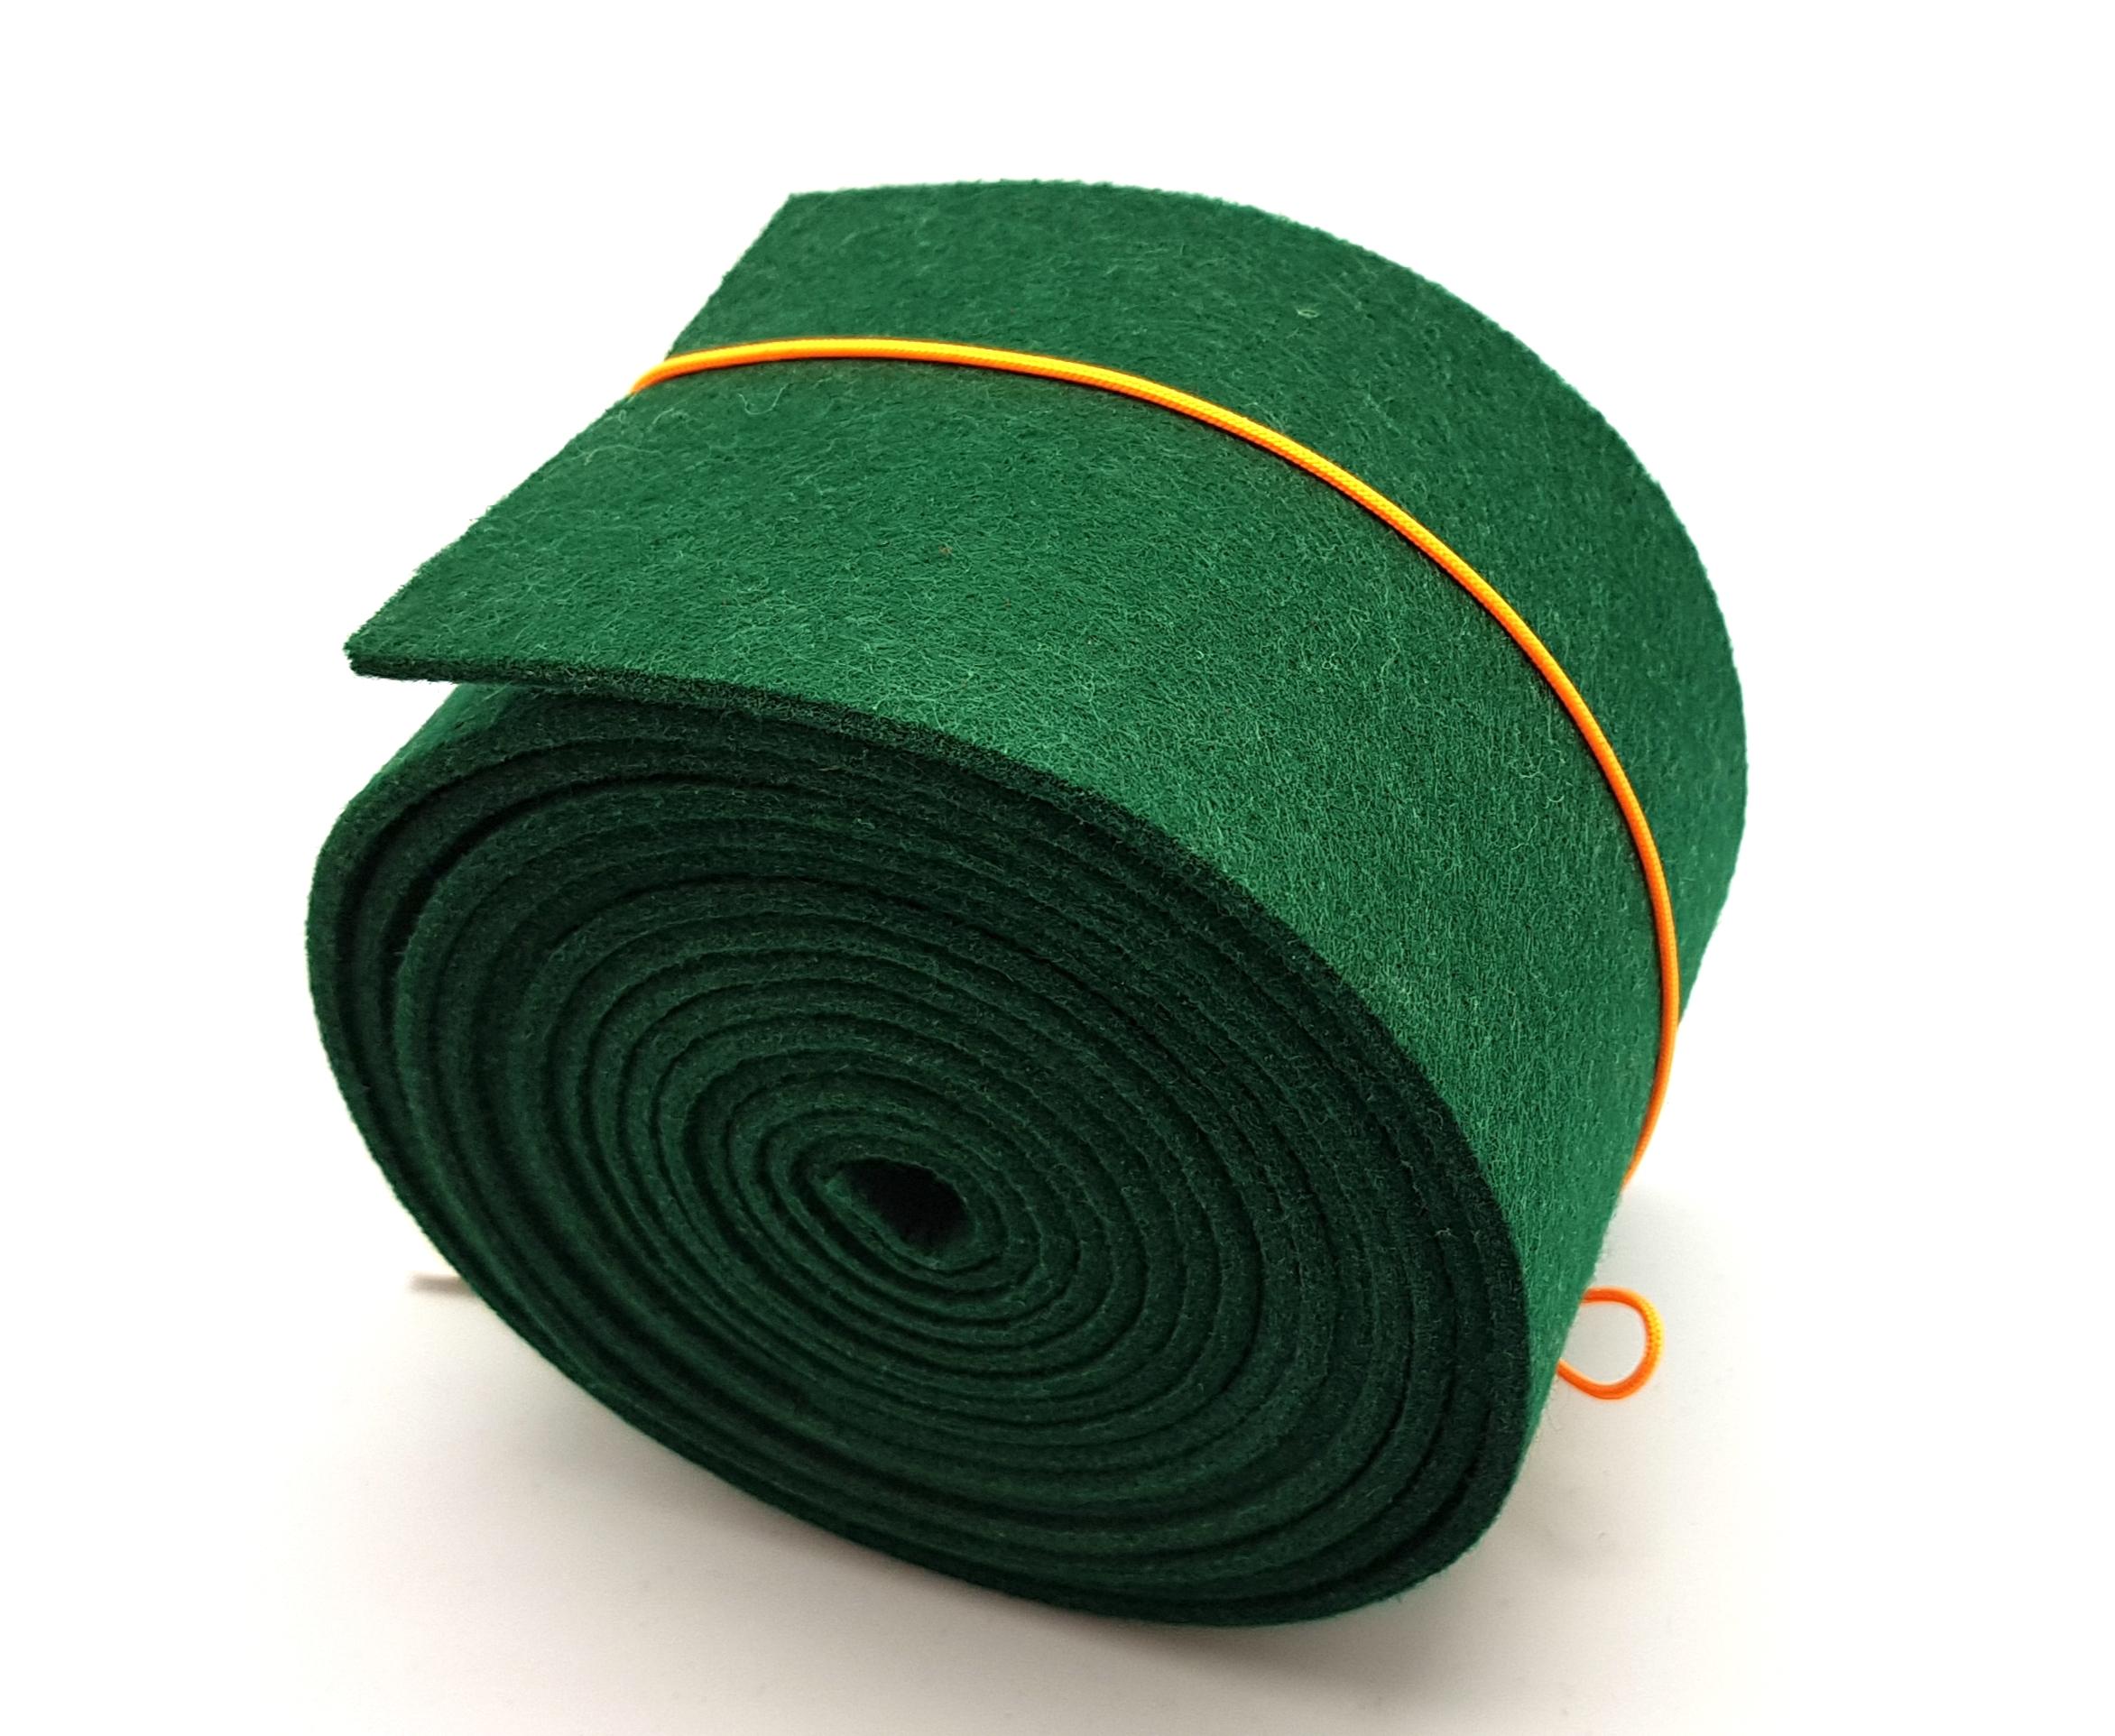 8-cm-rolle-dunkelgrün - Handgemachte individualisierbare Taschen, Körbe, Tischsets, Dekoartikel und mehr auf fideko.de der Onlineshop seit 2011